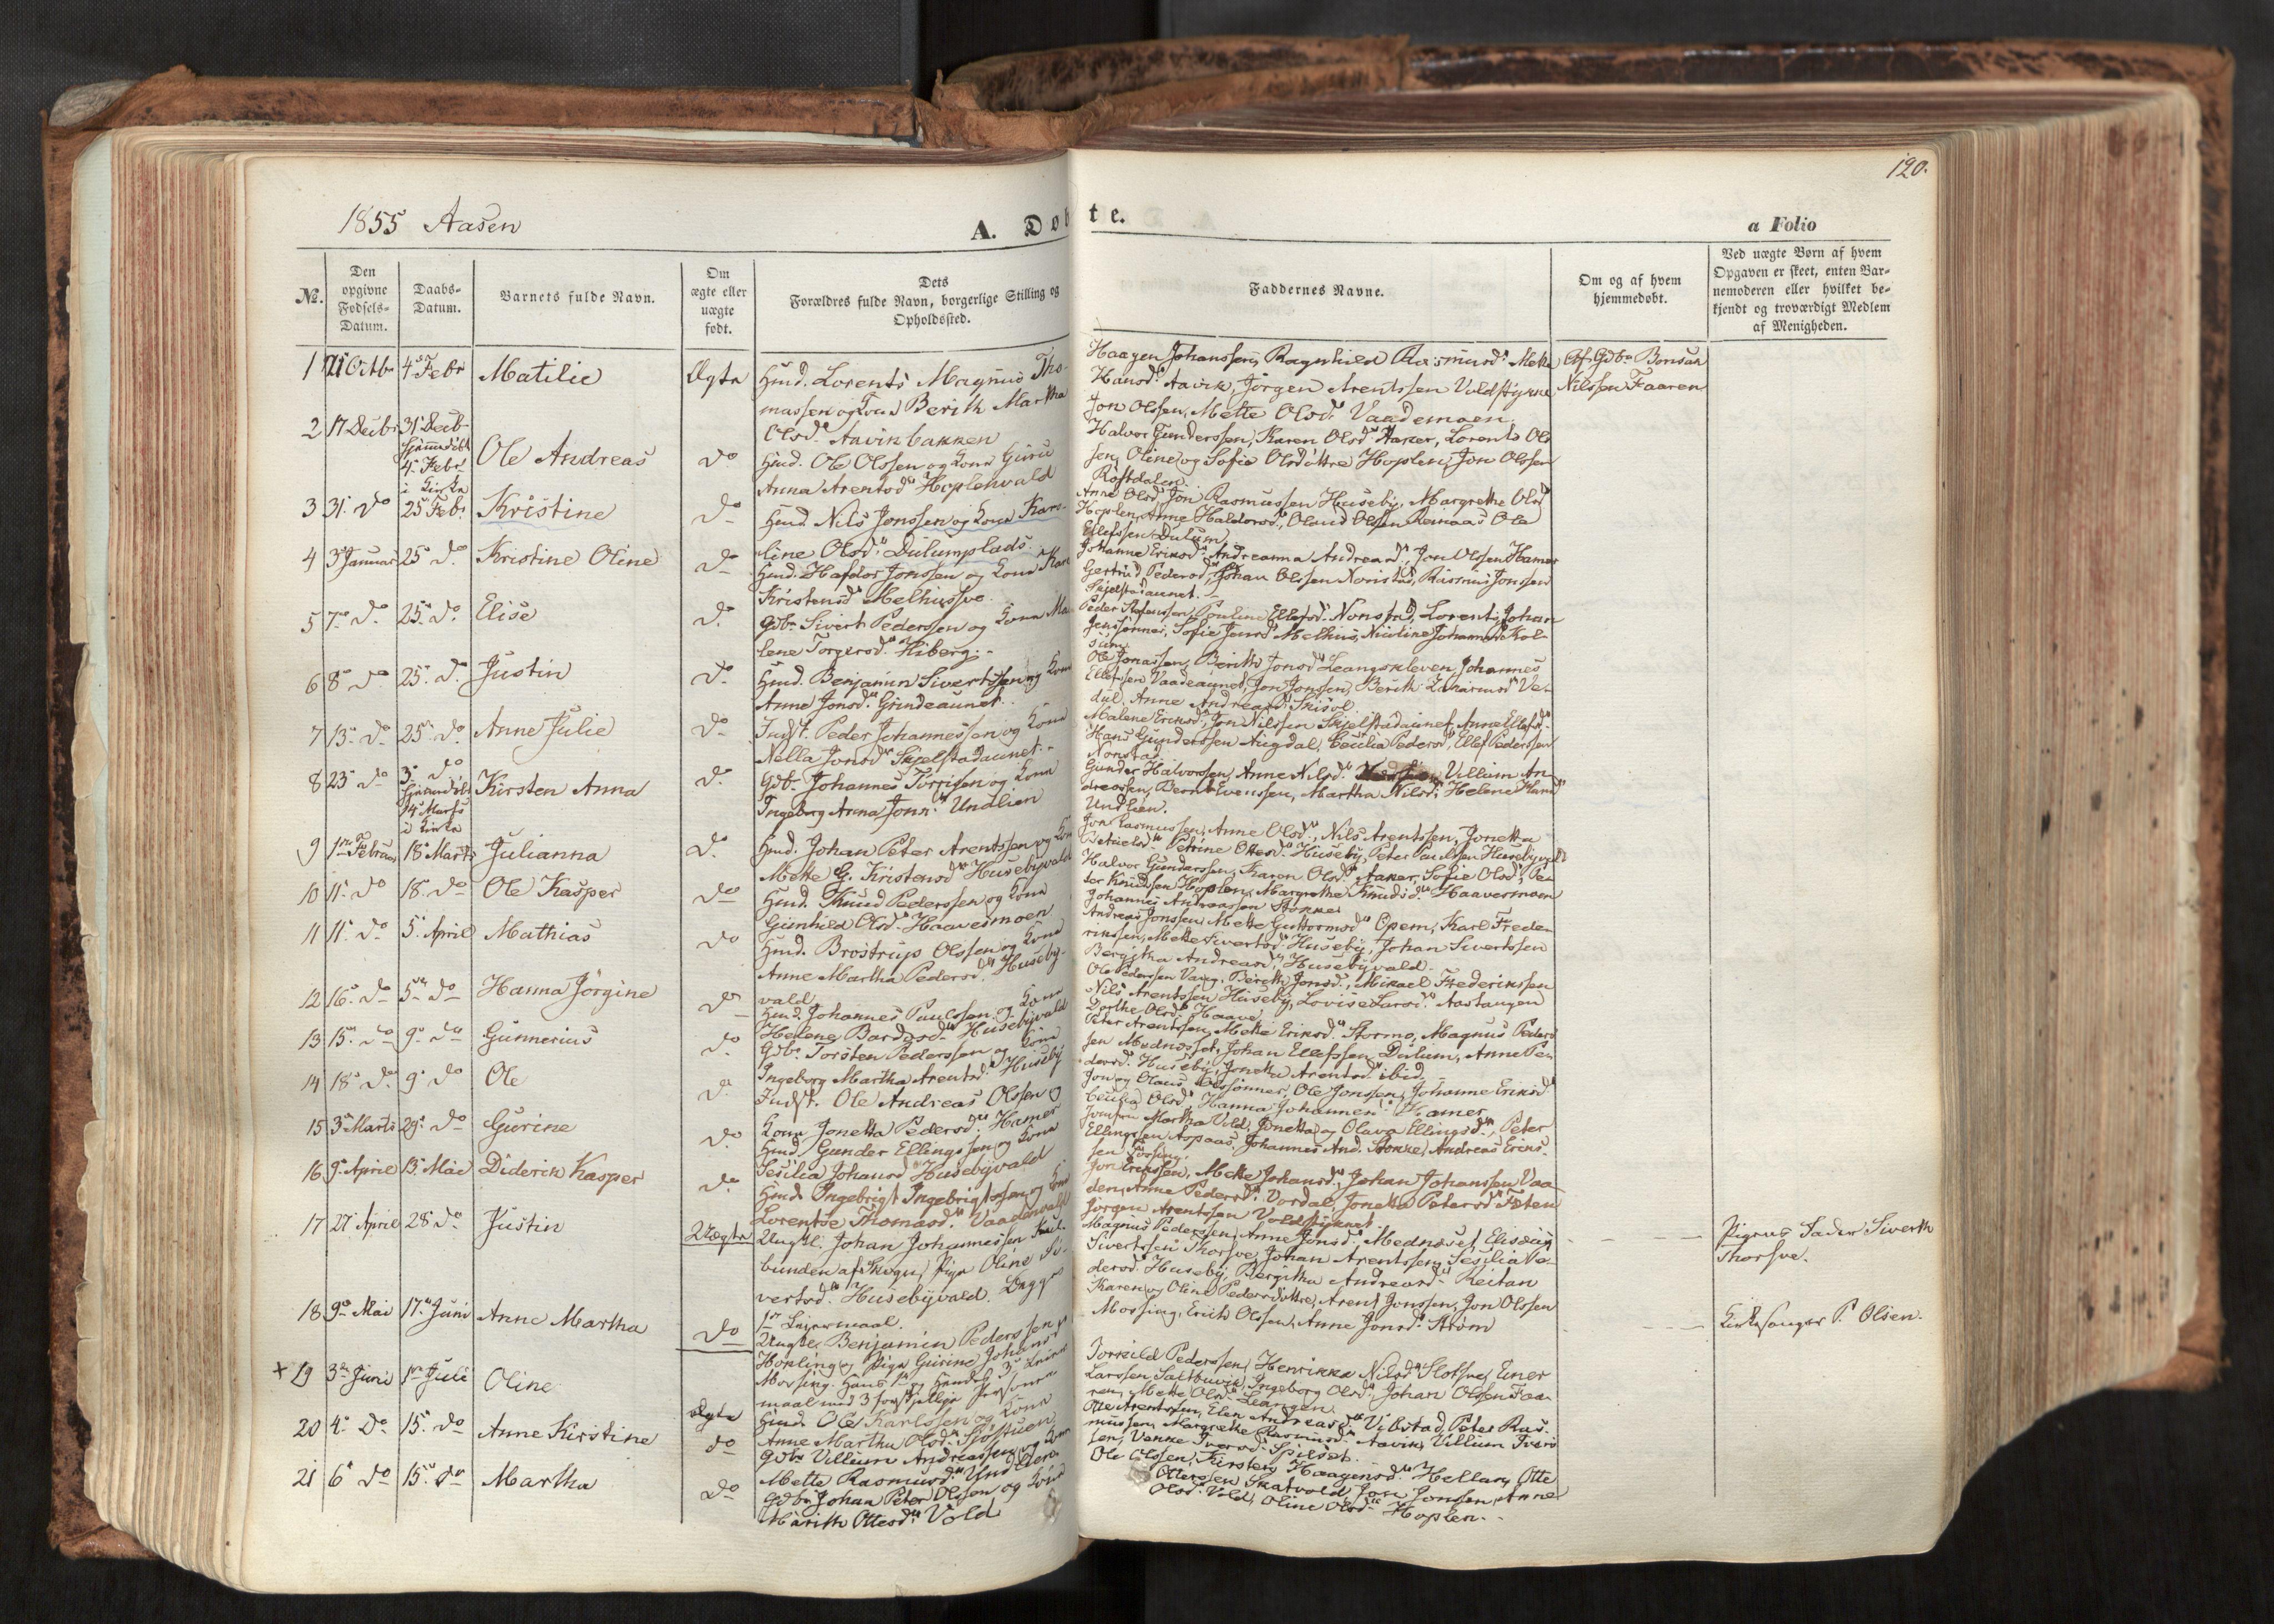 SAT, Ministerialprotokoller, klokkerbøker og fødselsregistre - Nord-Trøndelag, 713/L0116: Ministerialbok nr. 713A07, 1850-1877, s. 120